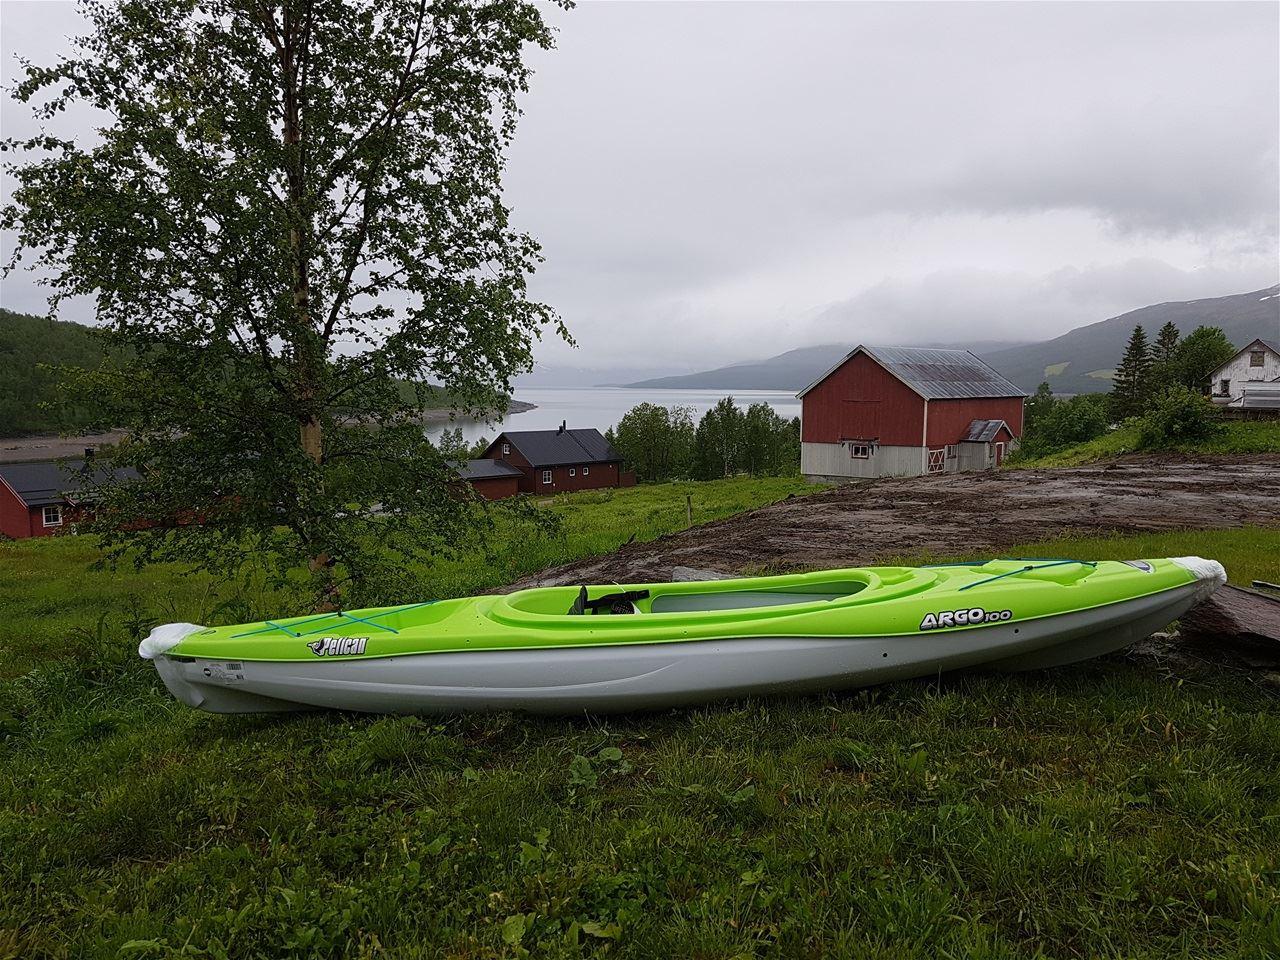 Varntresk Utleie og Turisme,  © Helgeland Reiseliv as, Kajakker leies ut